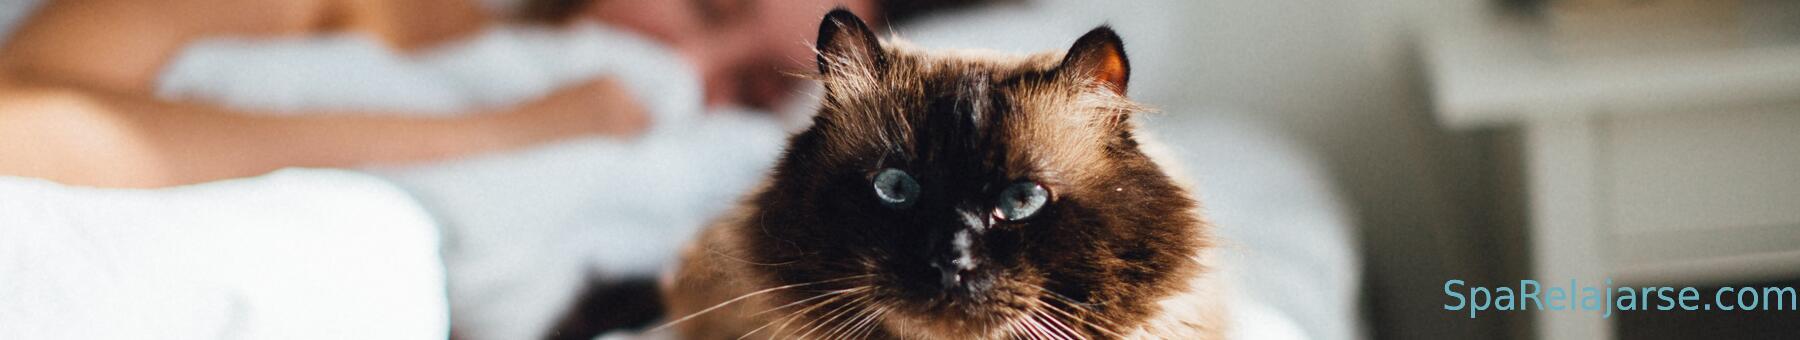 Los 3 mejores spas para ir con tu gato